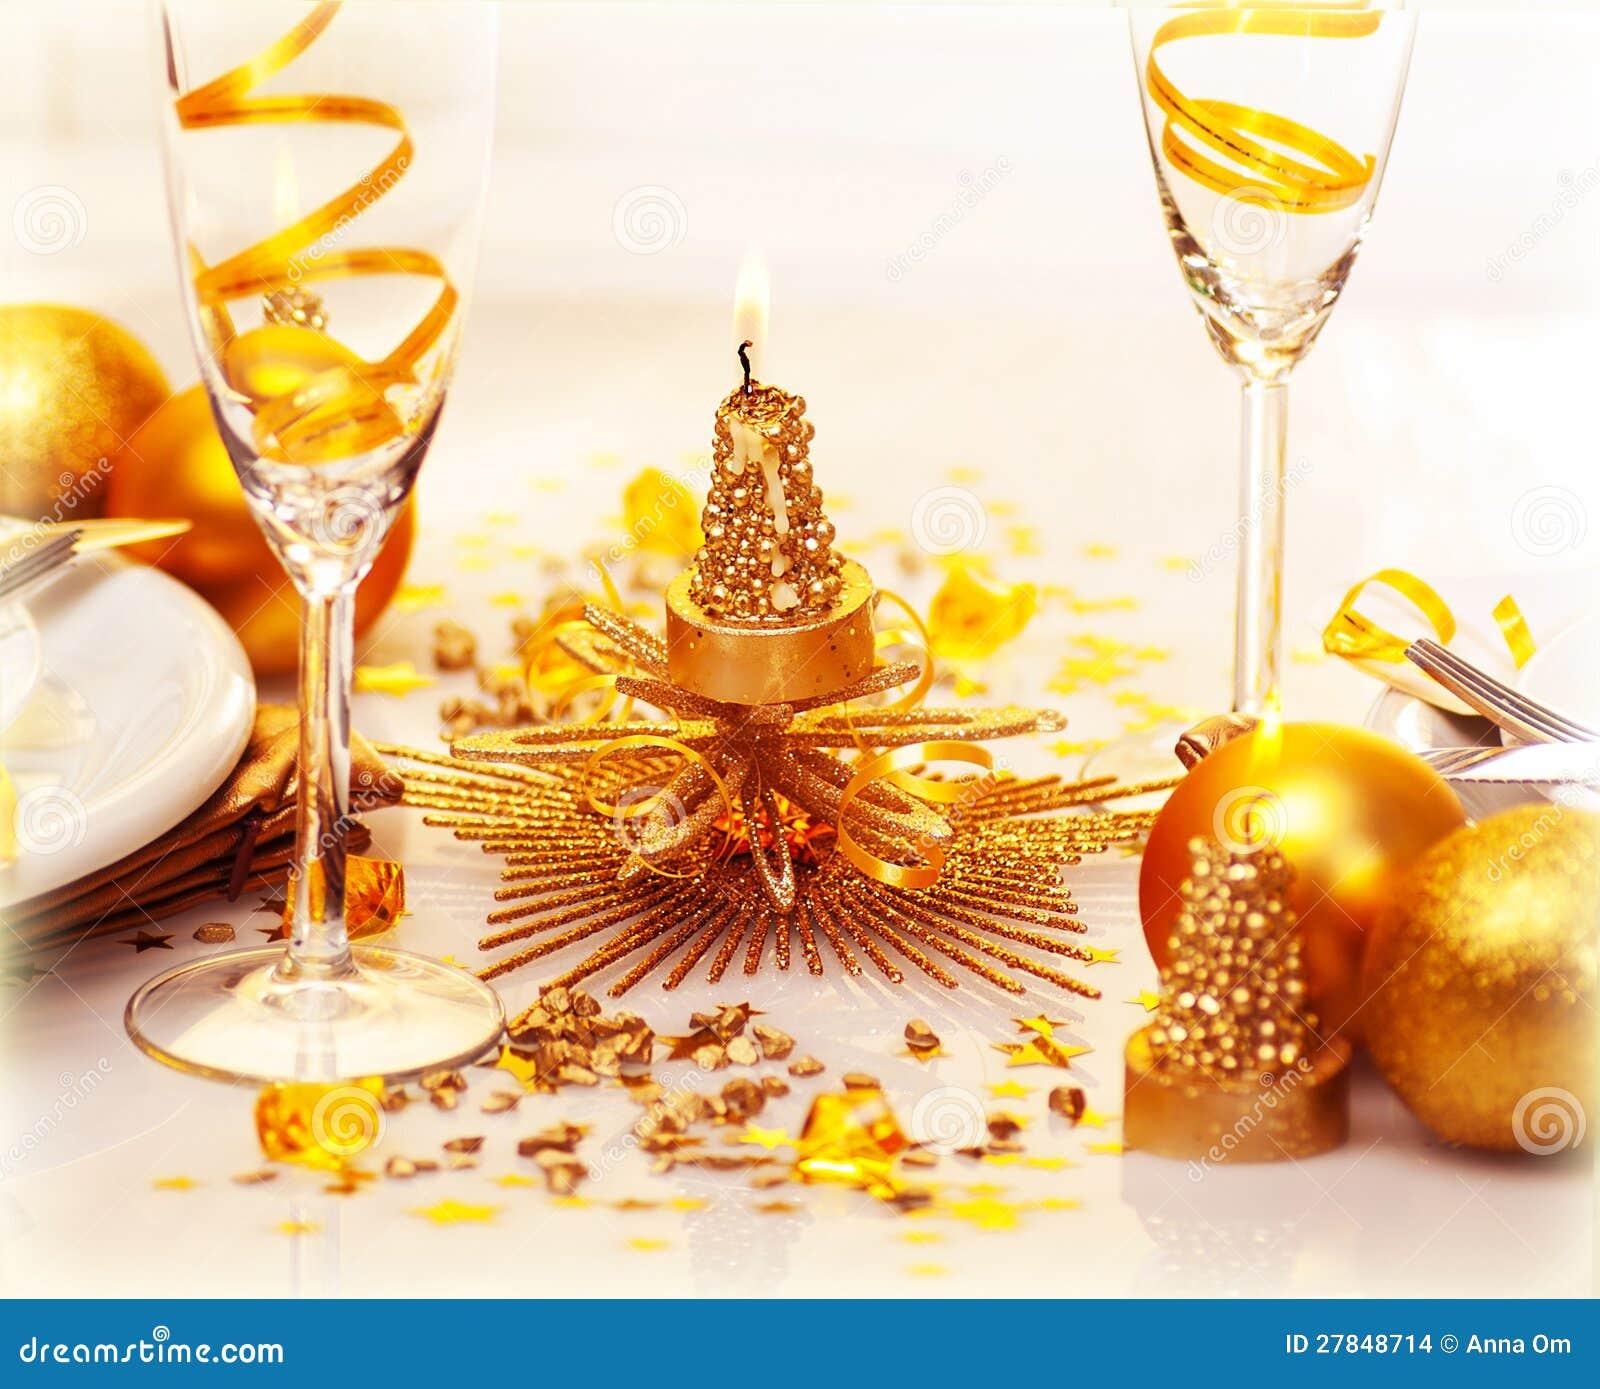 foto do jantar romântico do Natal dois vidros para o champanhe  #C69E05 1300x1146